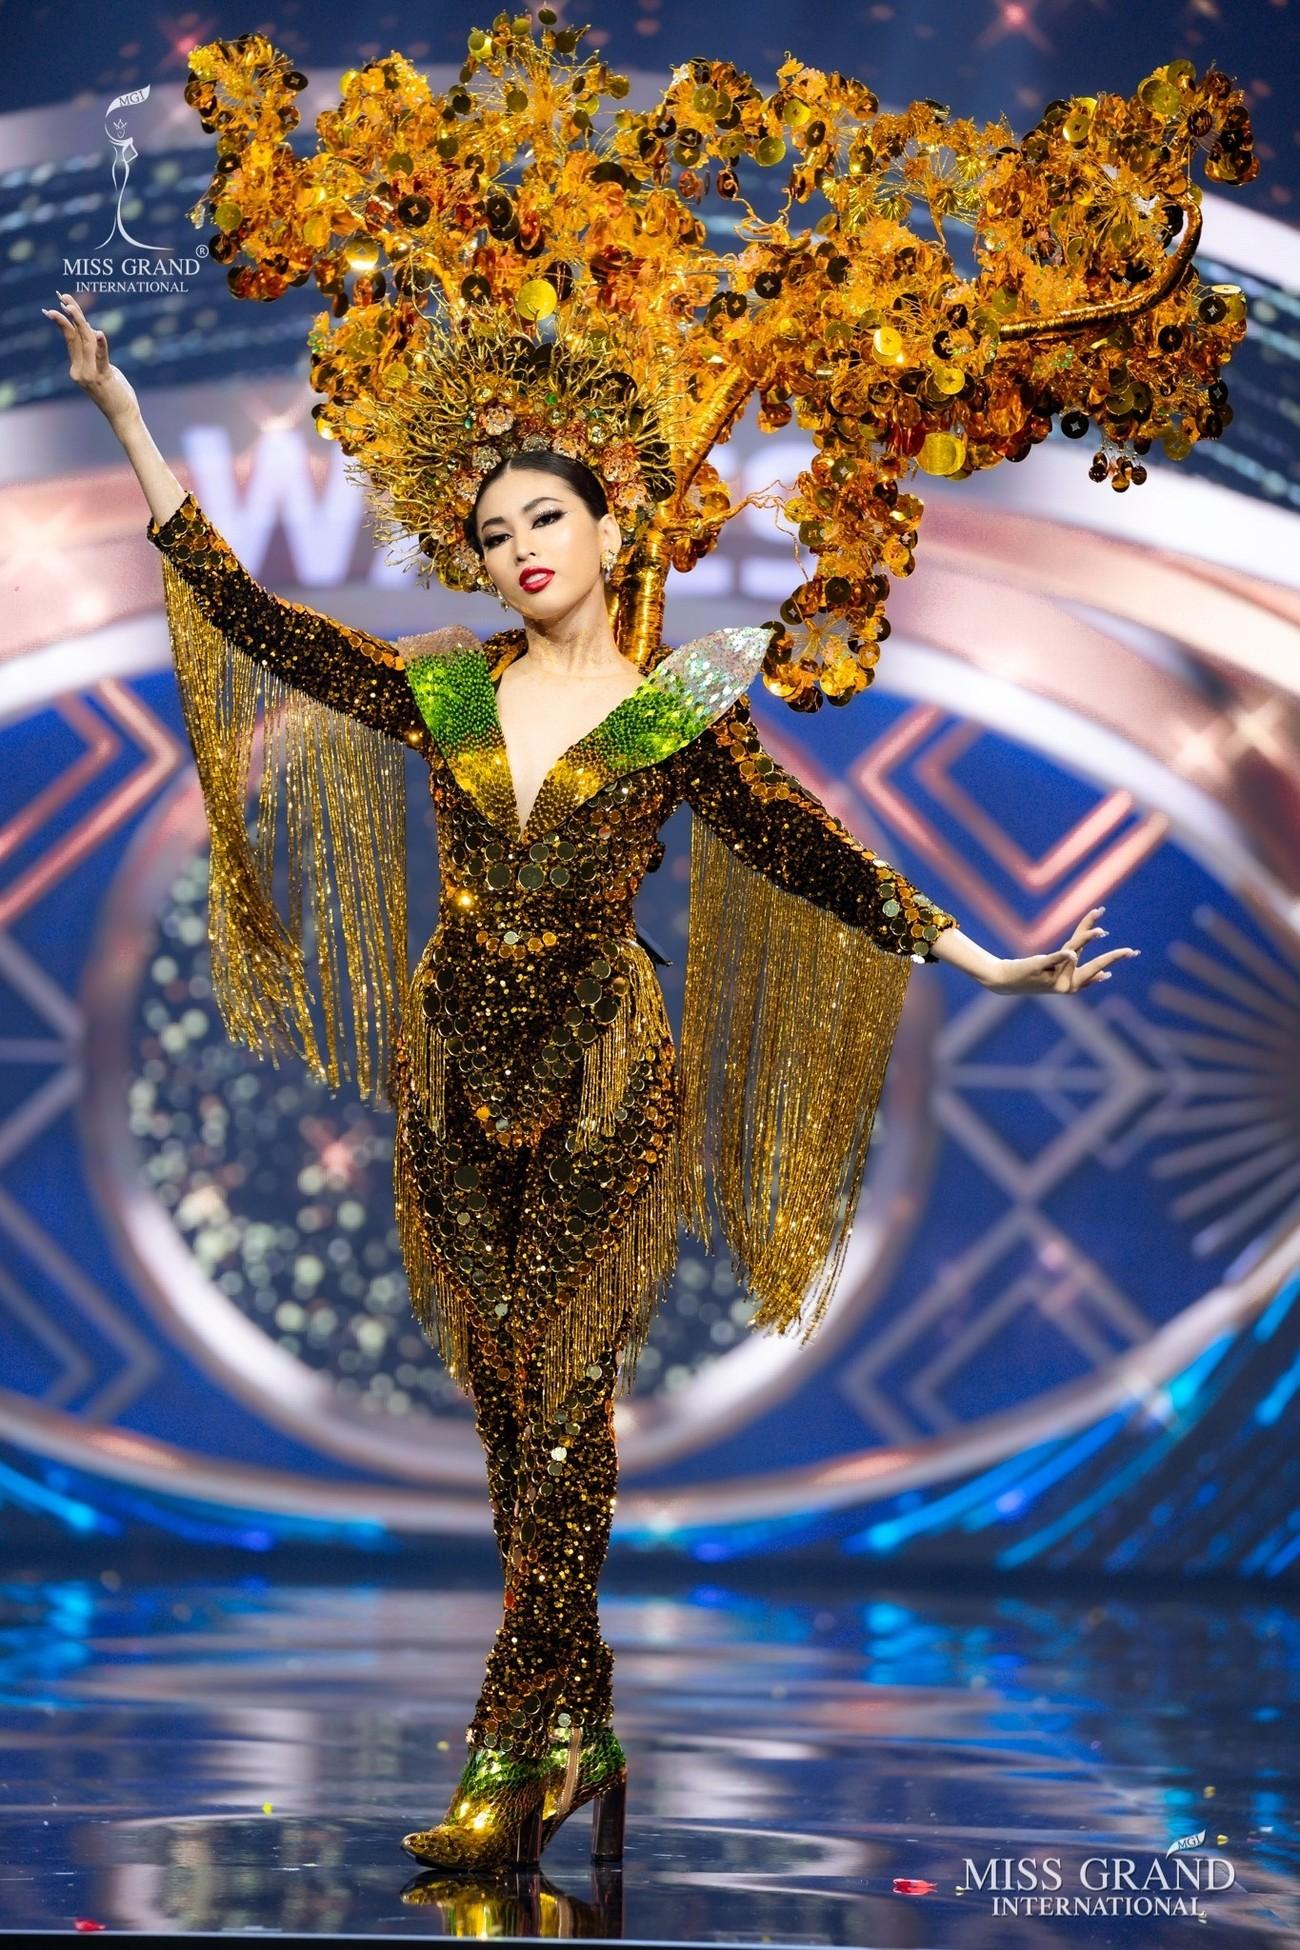 Thần thái 'Lá ngọc cành vàng' kiêu sa của Ngọc Thảo qua ống kính phóng viên quốc tế ảnh 1